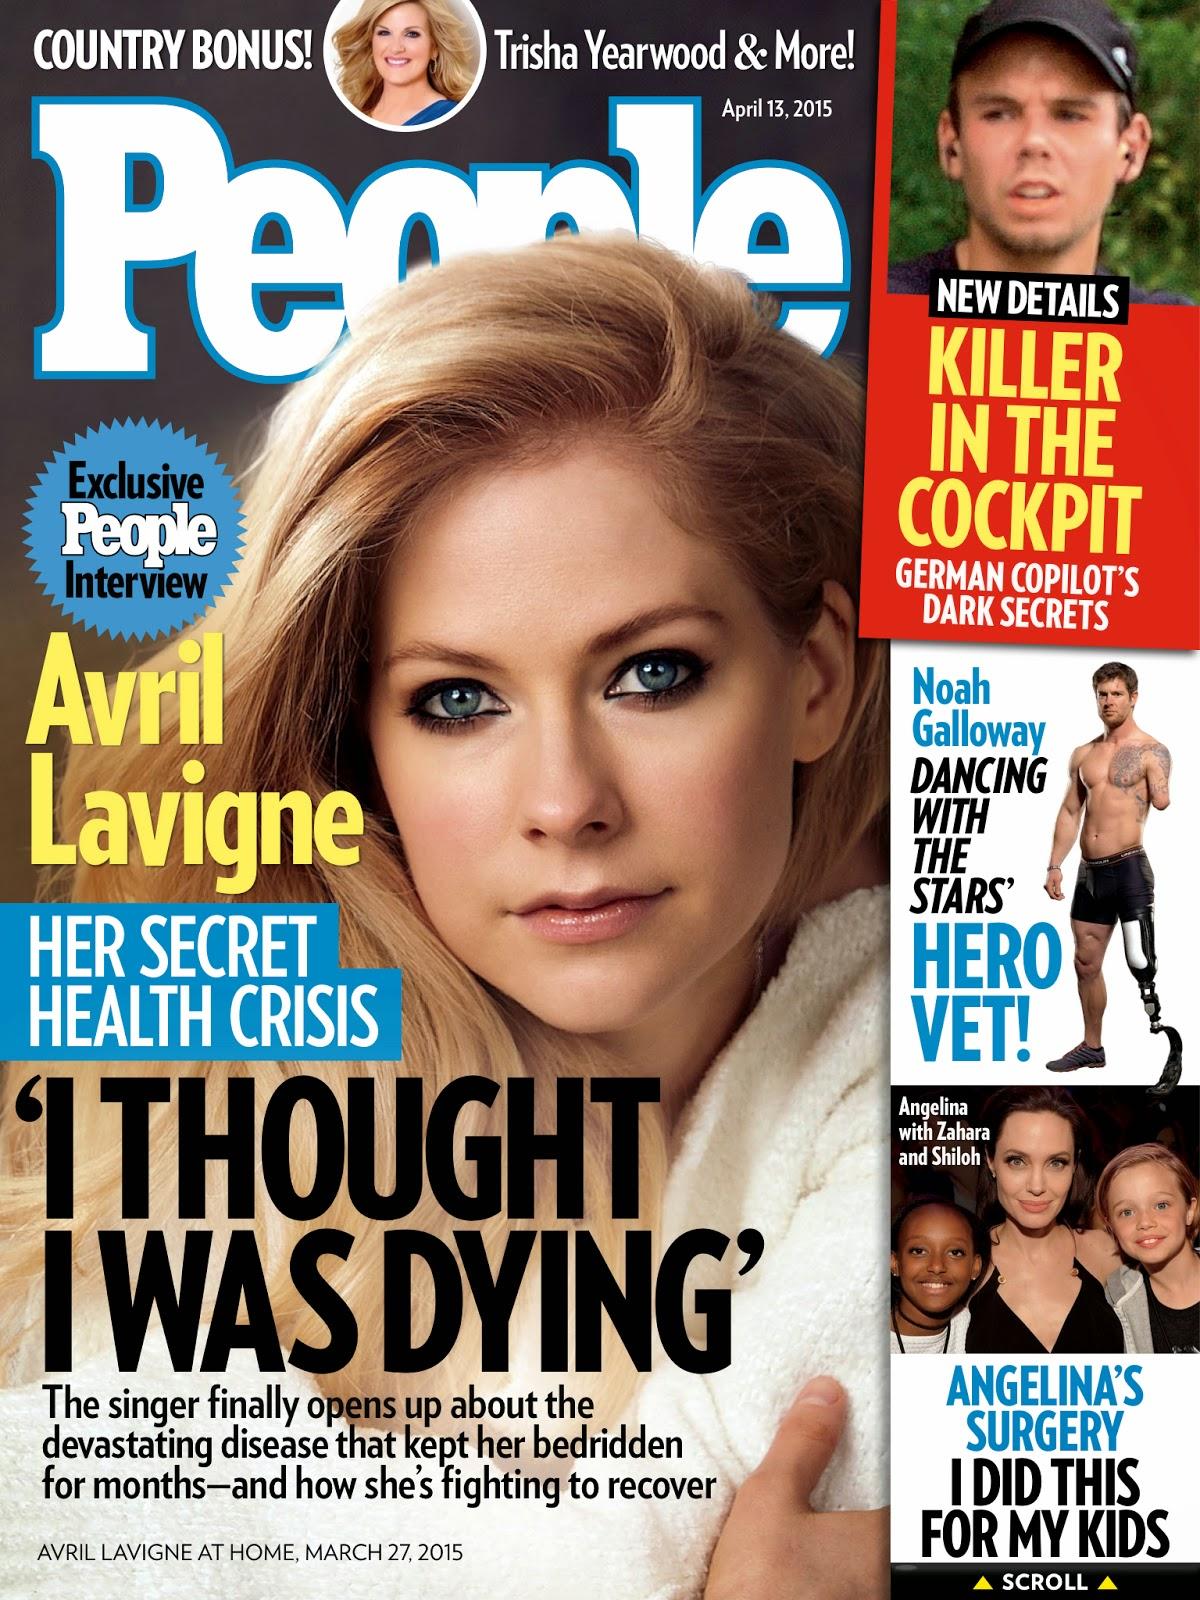 Singer-songwriter @ Avril Lavigne - People Scans April 2015